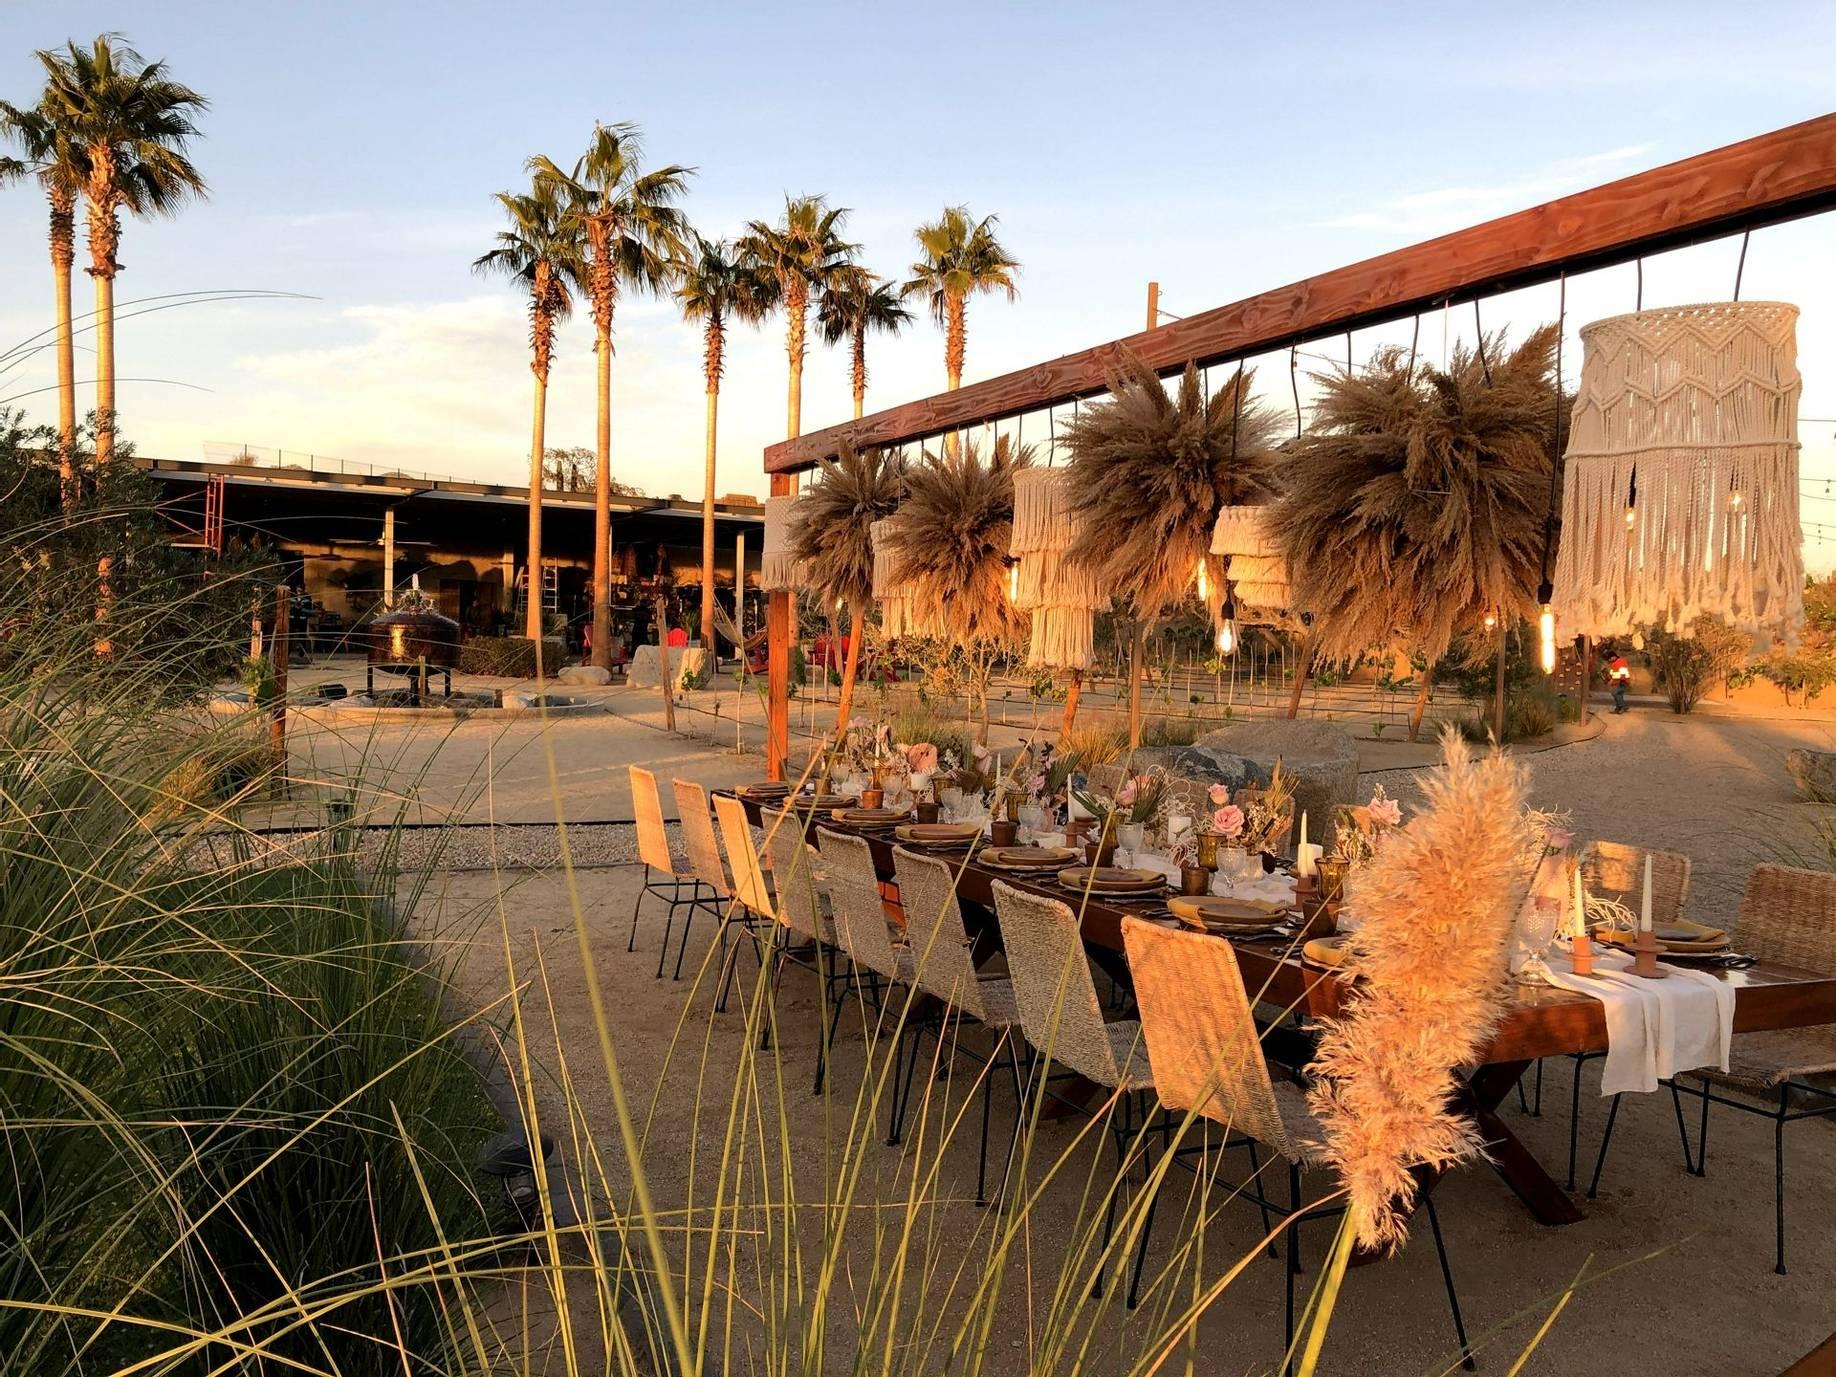 El Huerto Los Cabos outdoor dining